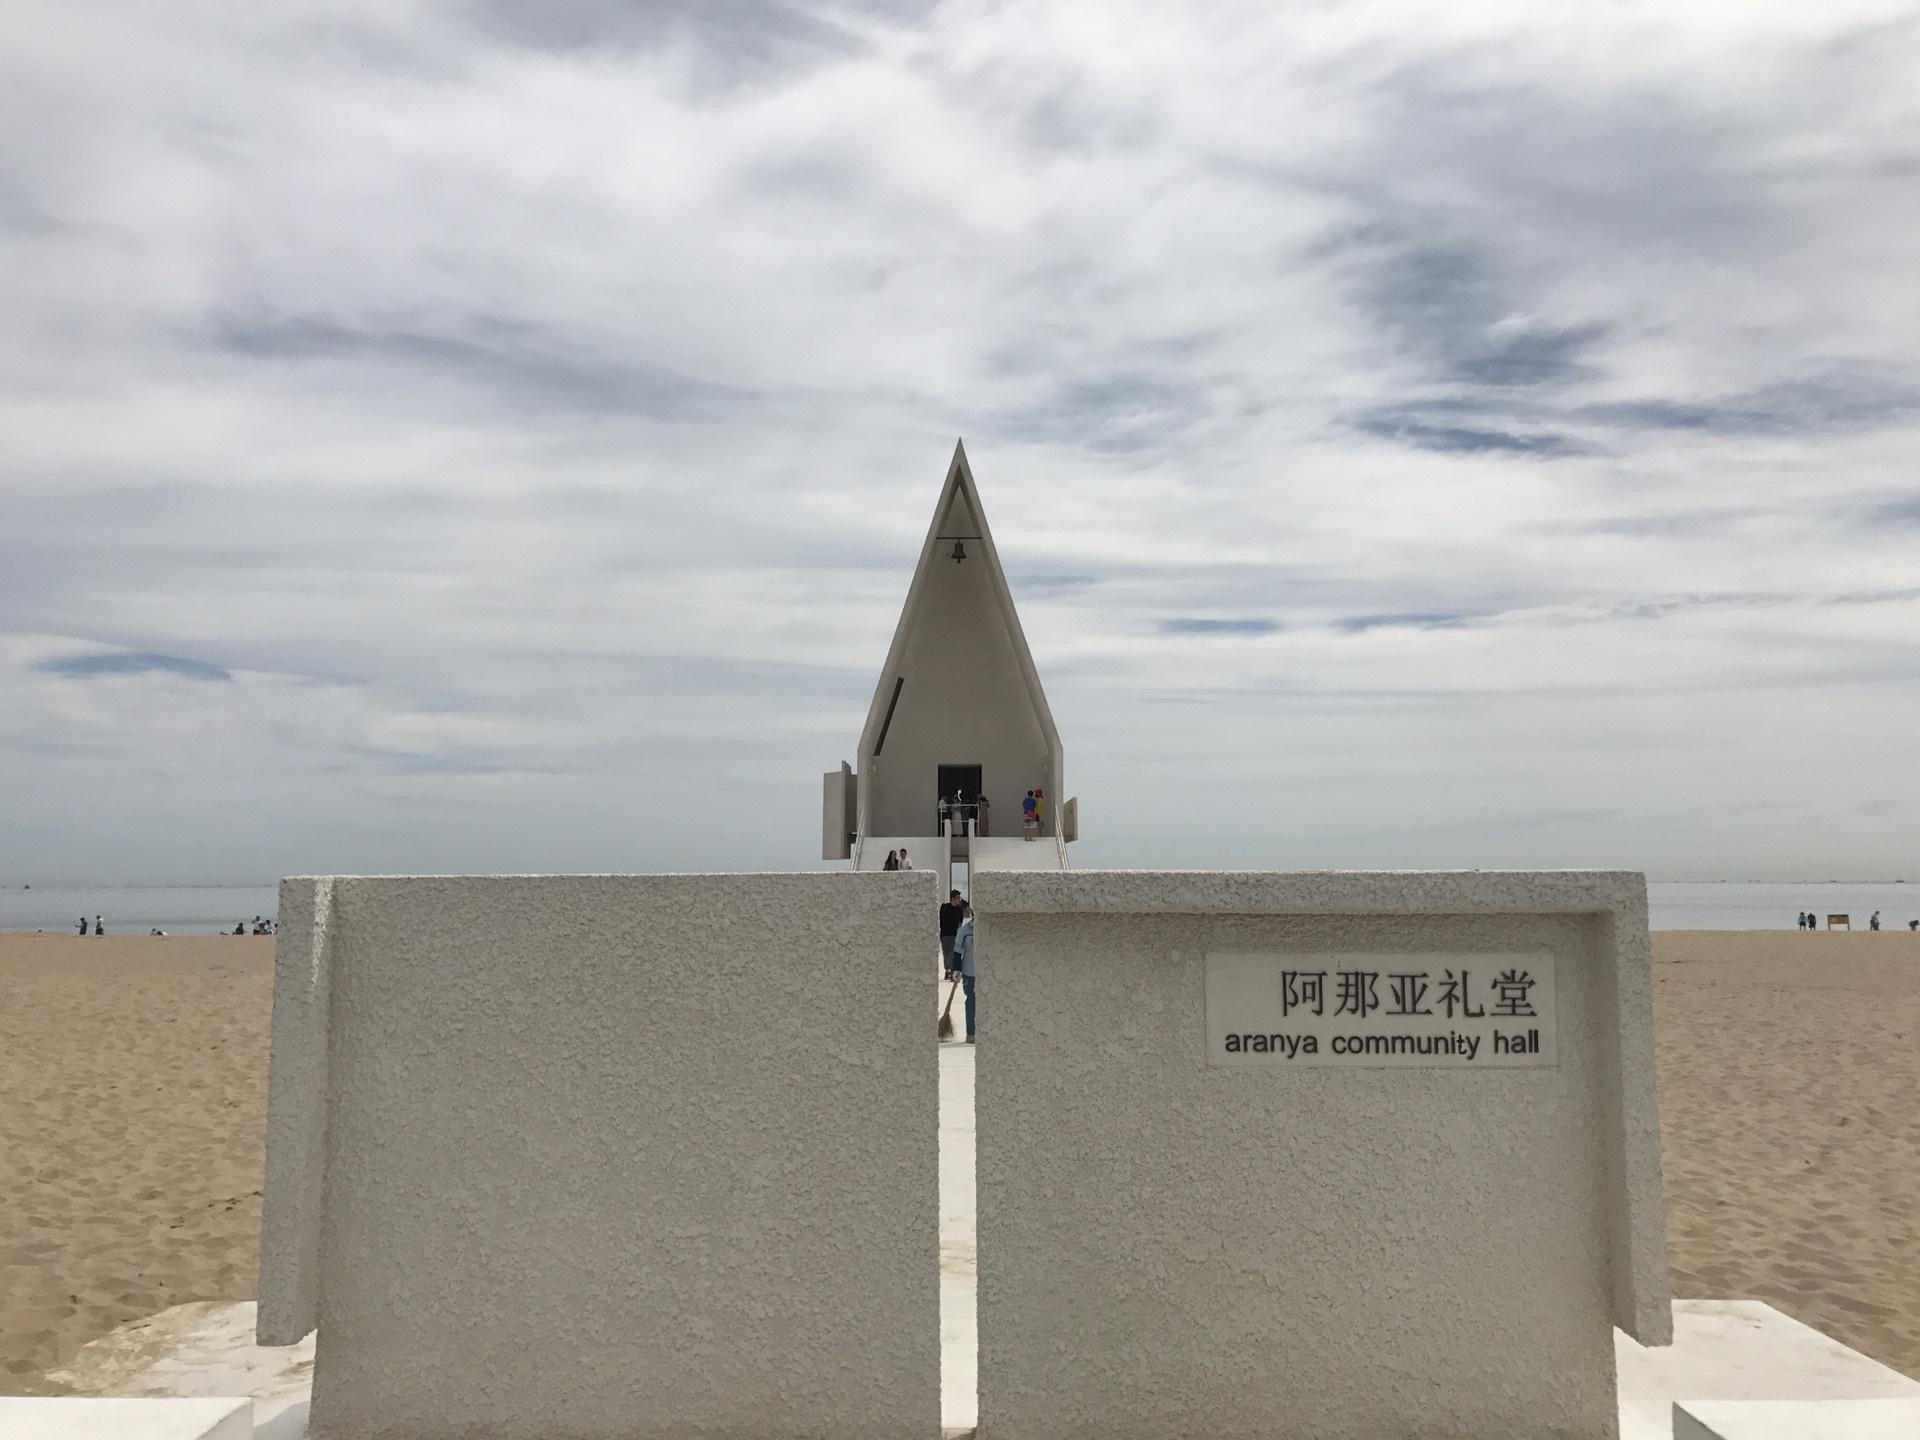 阿那亚-孤独的图书馆,秦皇岛自助游攻略 - 蚂蜂窝